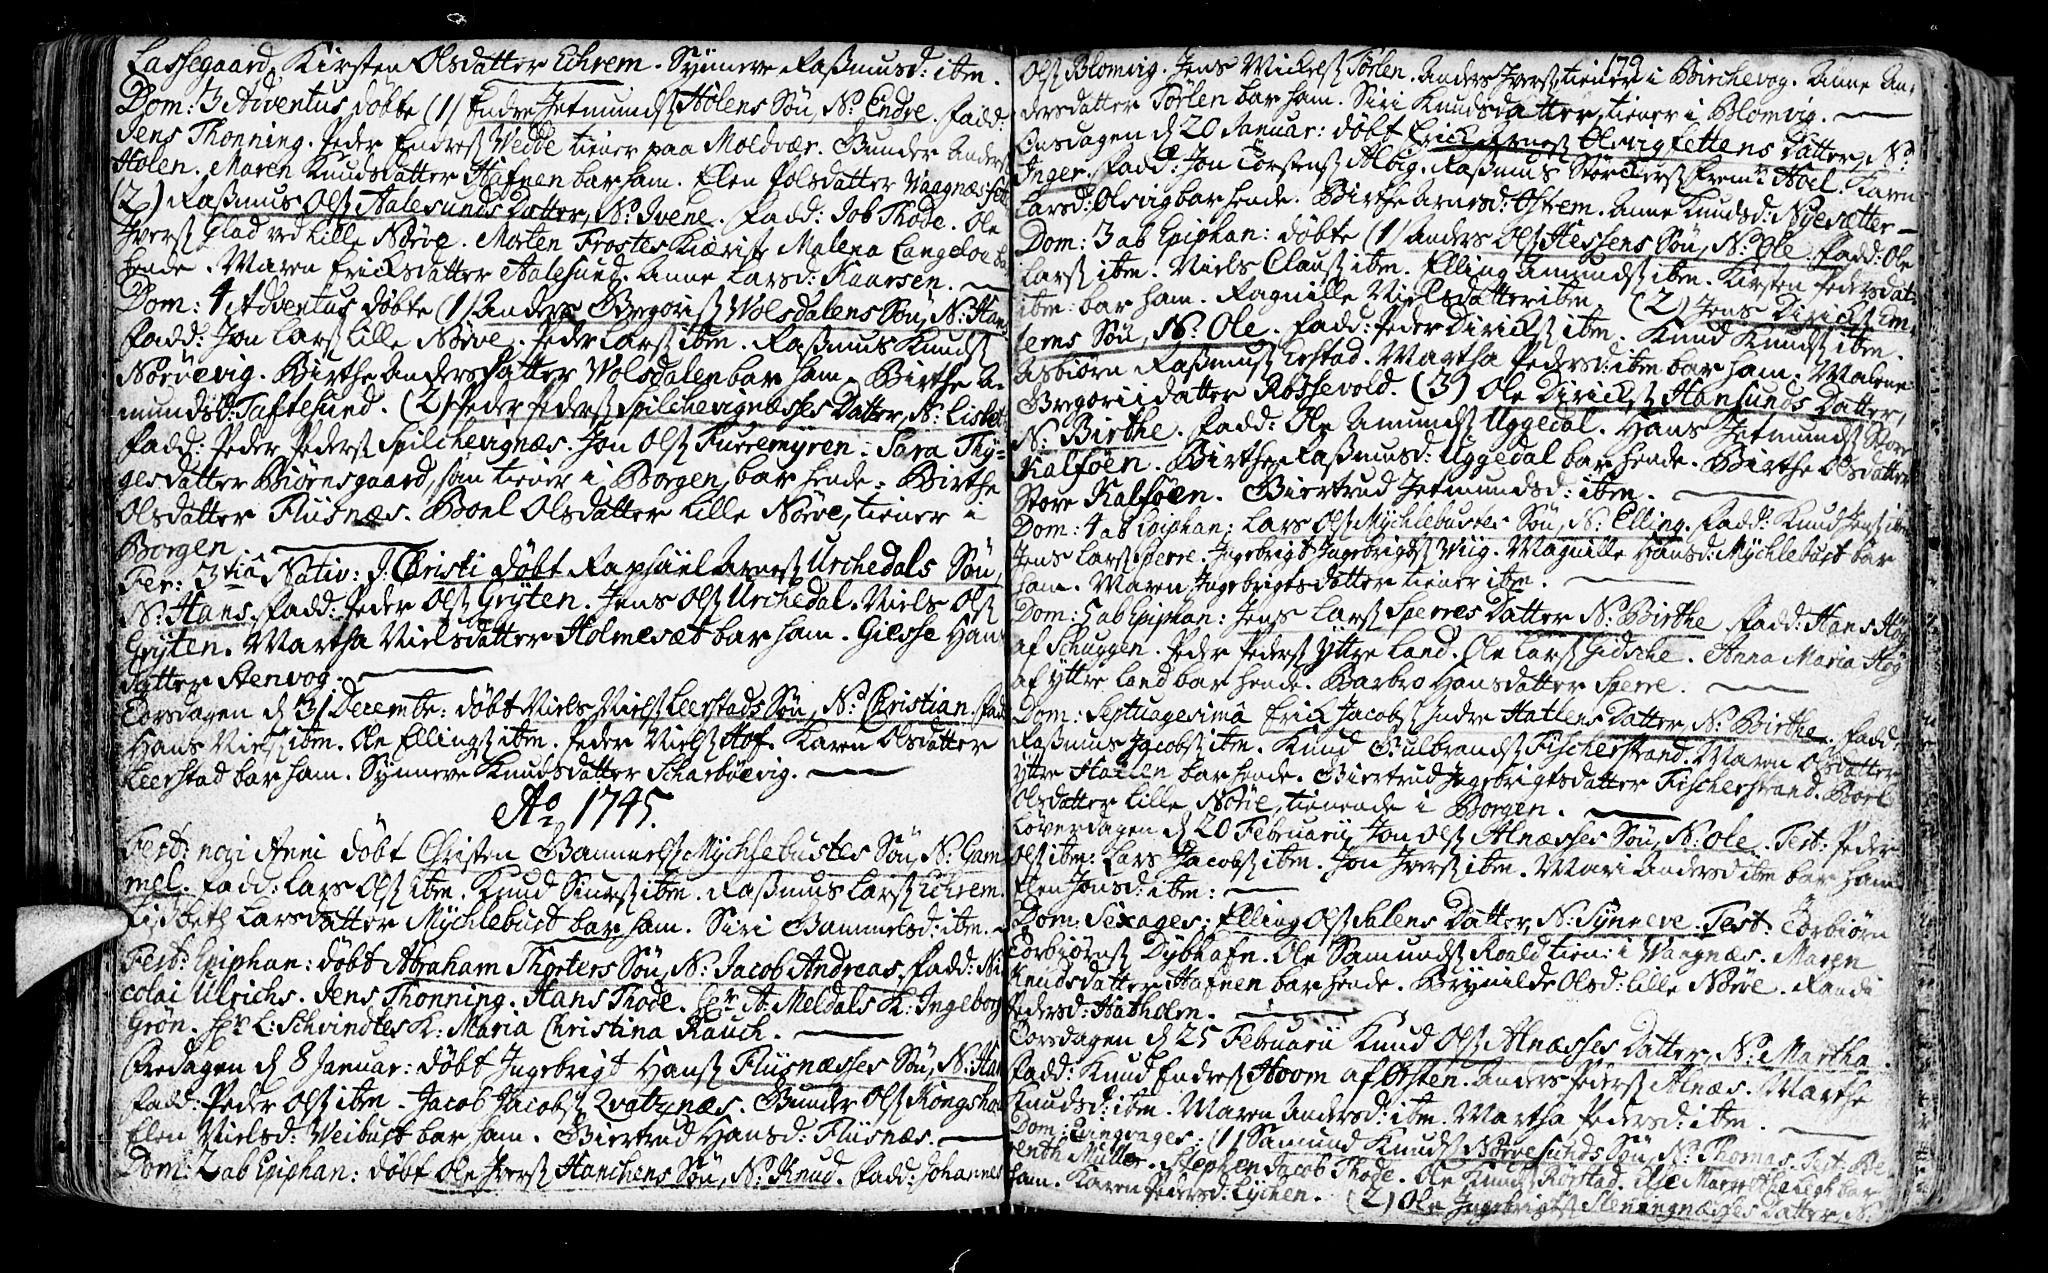 SAT, Ministerialprotokoller, klokkerbøker og fødselsregistre - Møre og Romsdal, 528/L0391: Ministerialbok nr. 528A02, 1739-1761